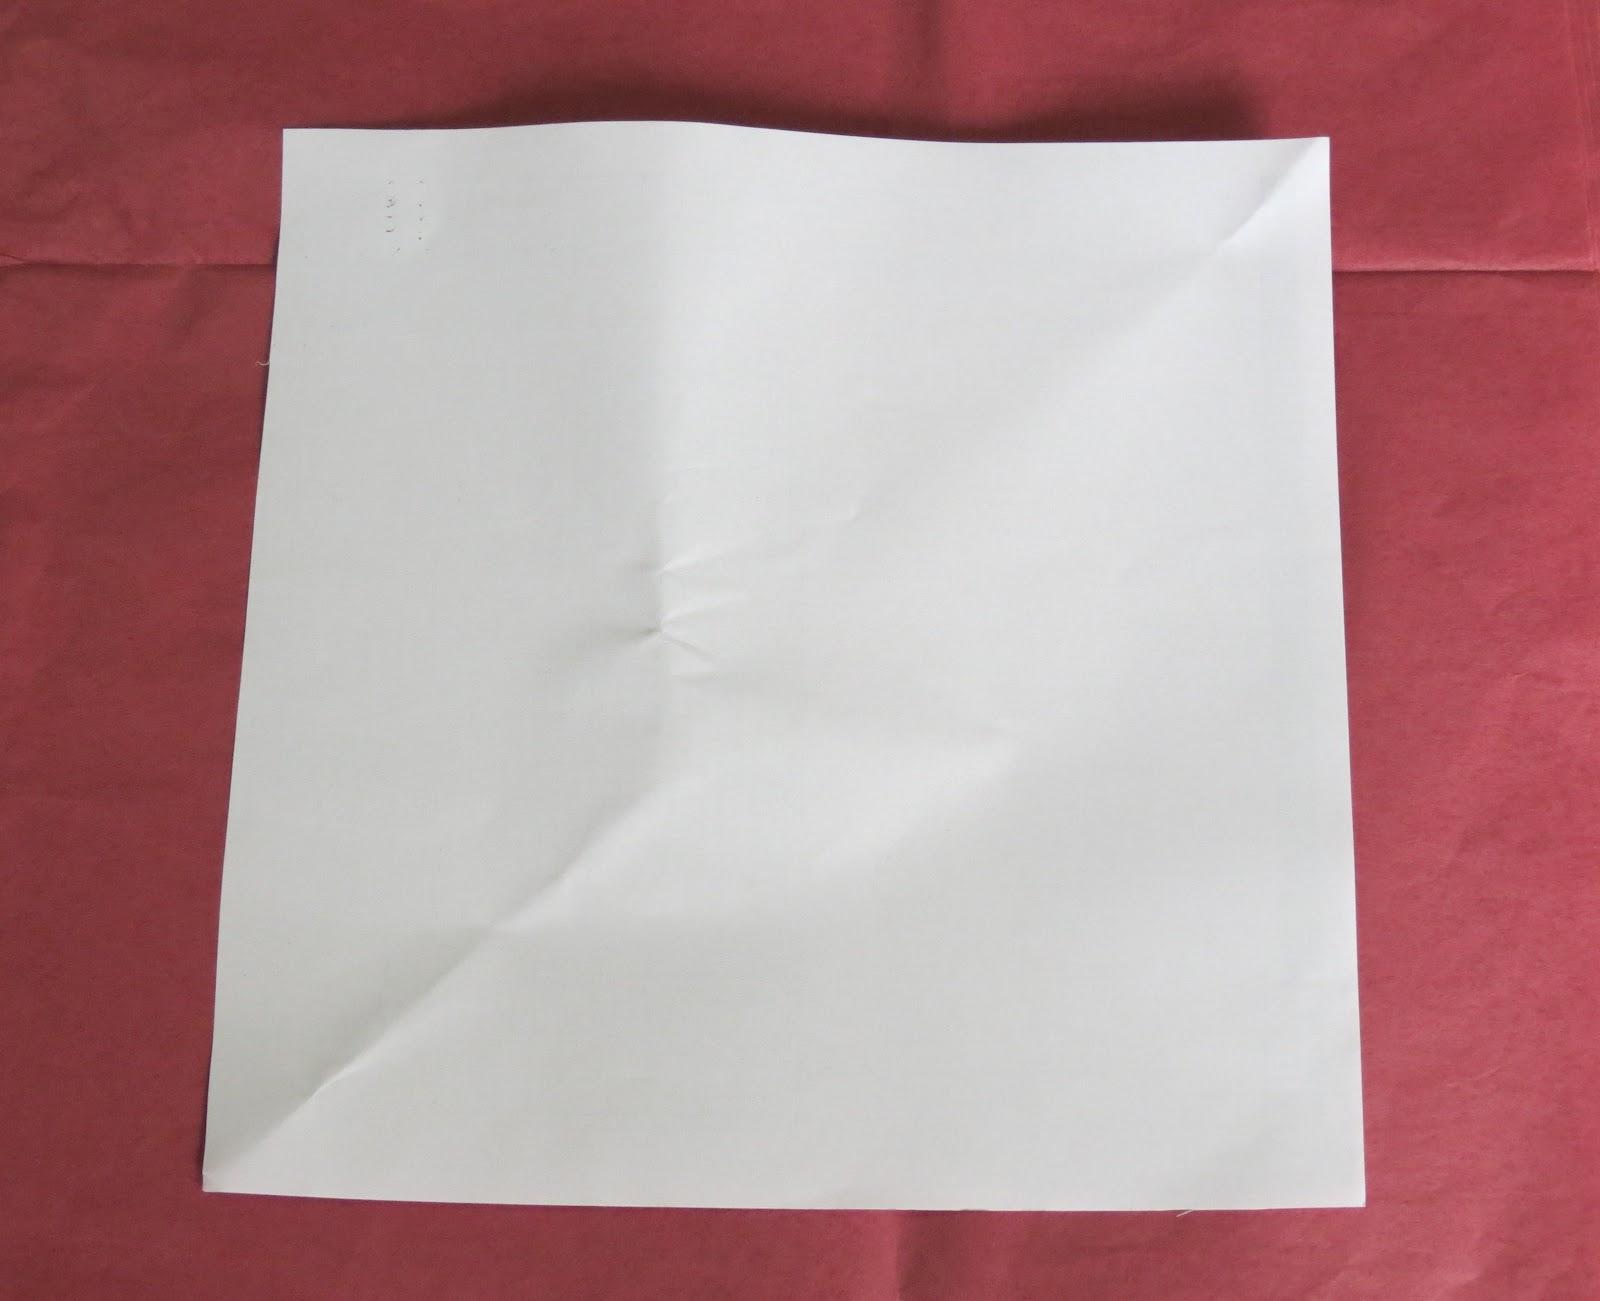 http://1.bp.blogspot.com/-rp2pPL0Zs6I/UDpMKbB5tcI/AAAAAAAABMI/M43kc12oCCk/s1600/cuadrado+1+fsiluetas+de+papel.JPG